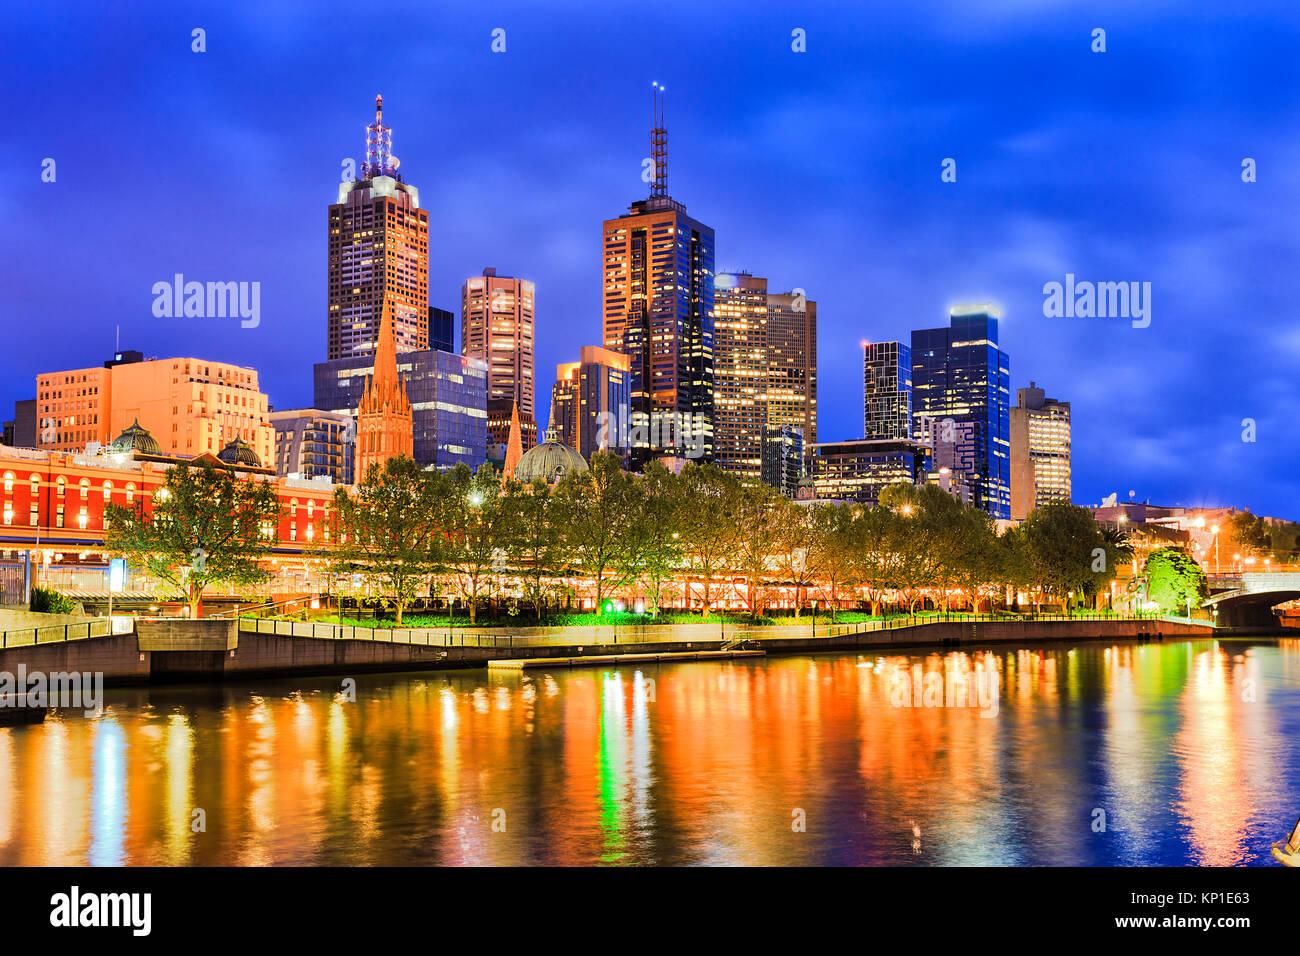 Azul La oscuridad en la ciudad de Melbourne CBD torres por encima de la estación de tren de Flinders con iluminación Imagen De Stock